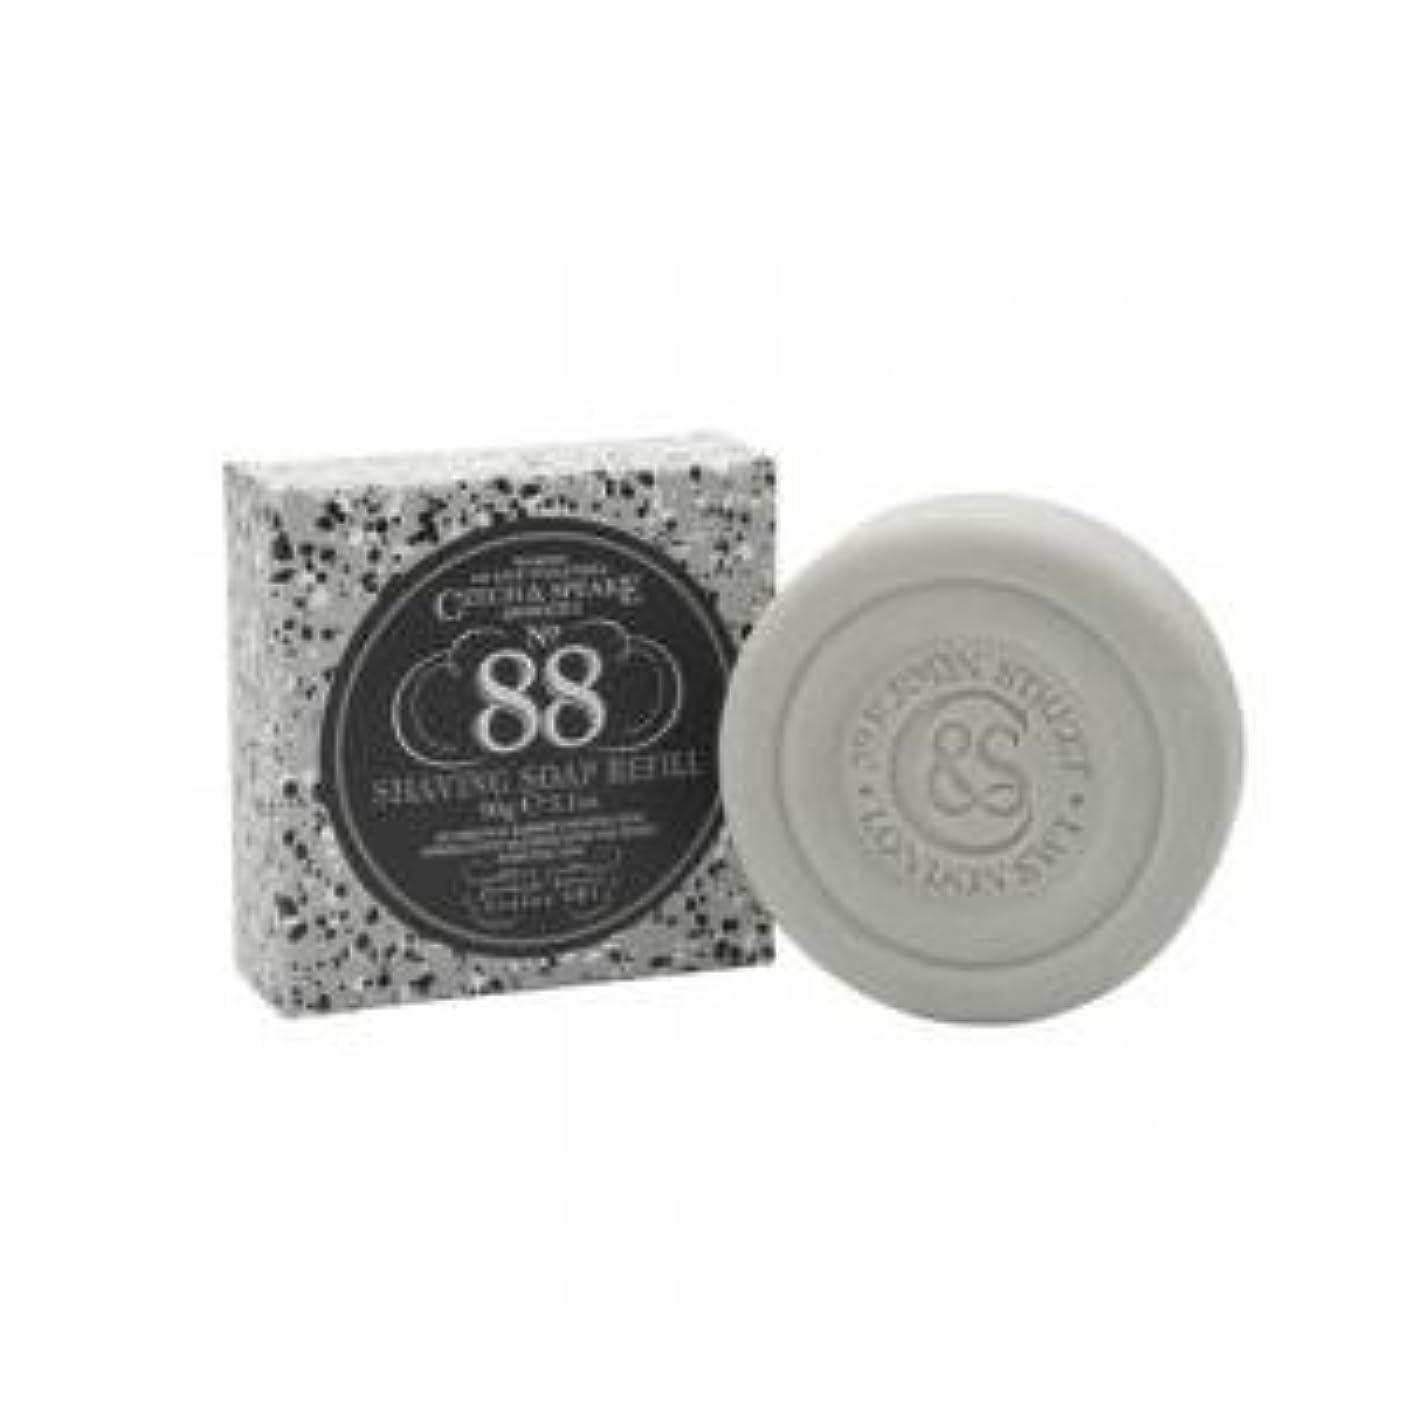 どういたしまして買い物に行く牛肉Czech and Speake NO88 SHAVING SOAP REFILL 90g [並行輸入品]